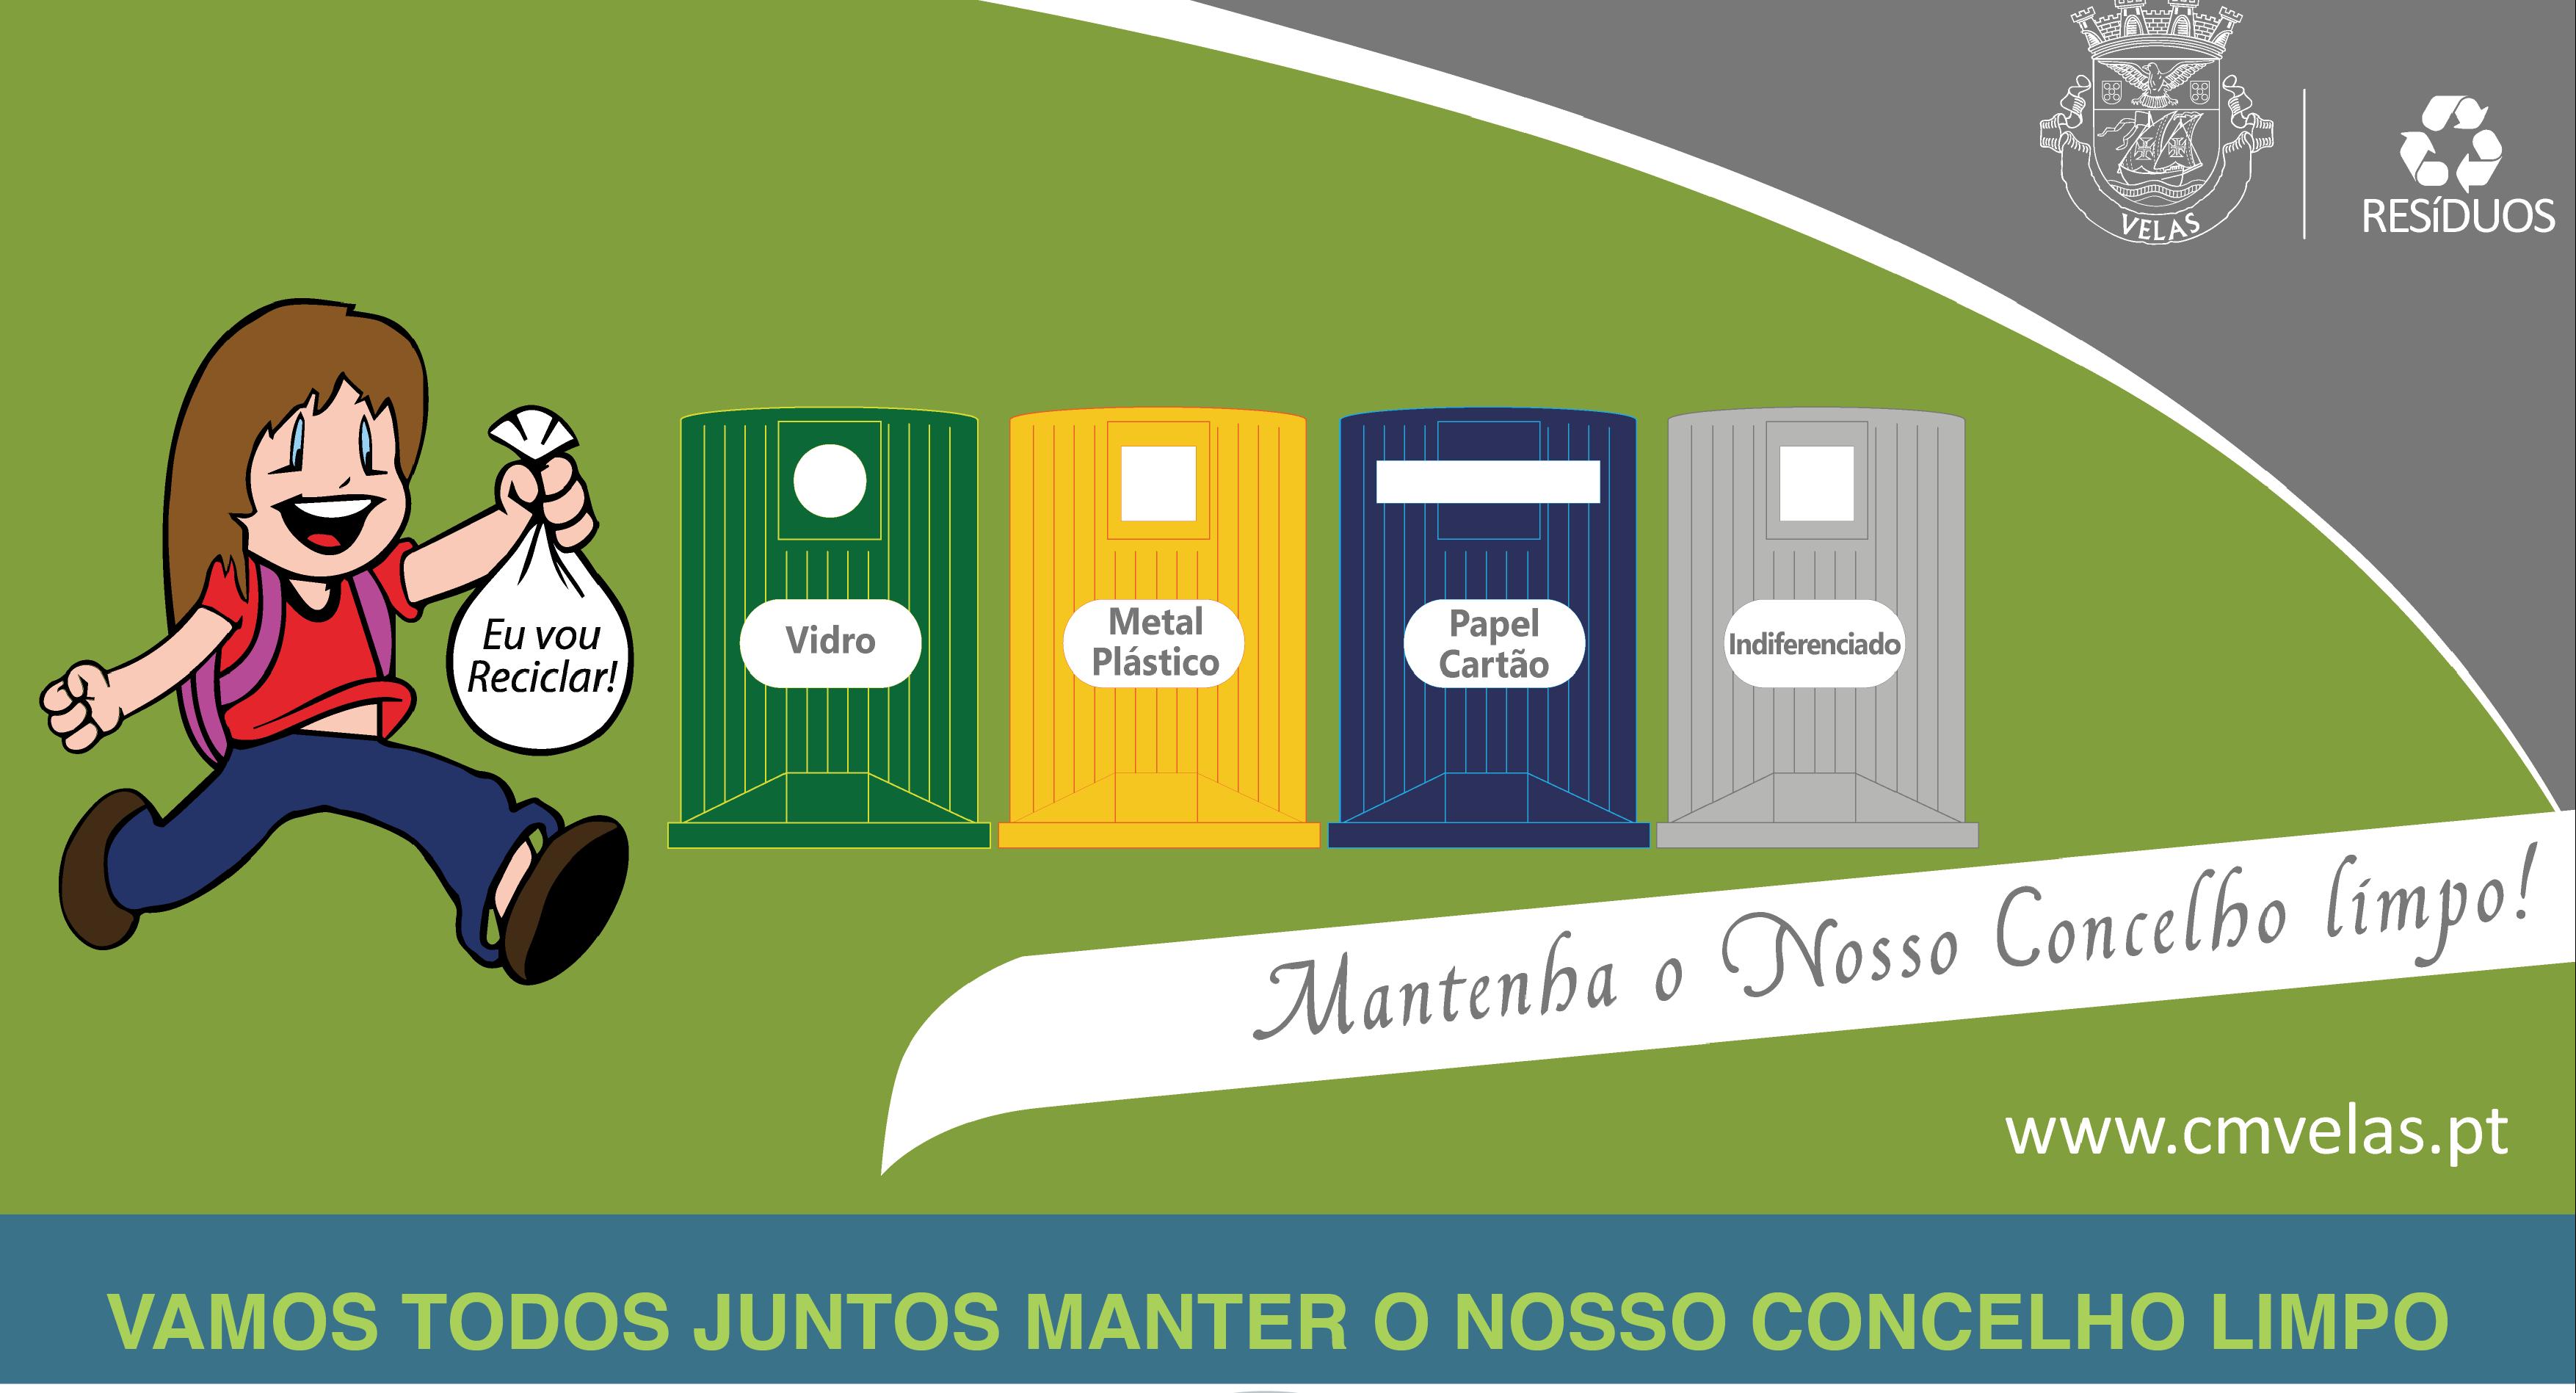 Câmara Municipal das Velas já está a fazer reajustamentos na recolha seletiva de resíduos (c/áudio)